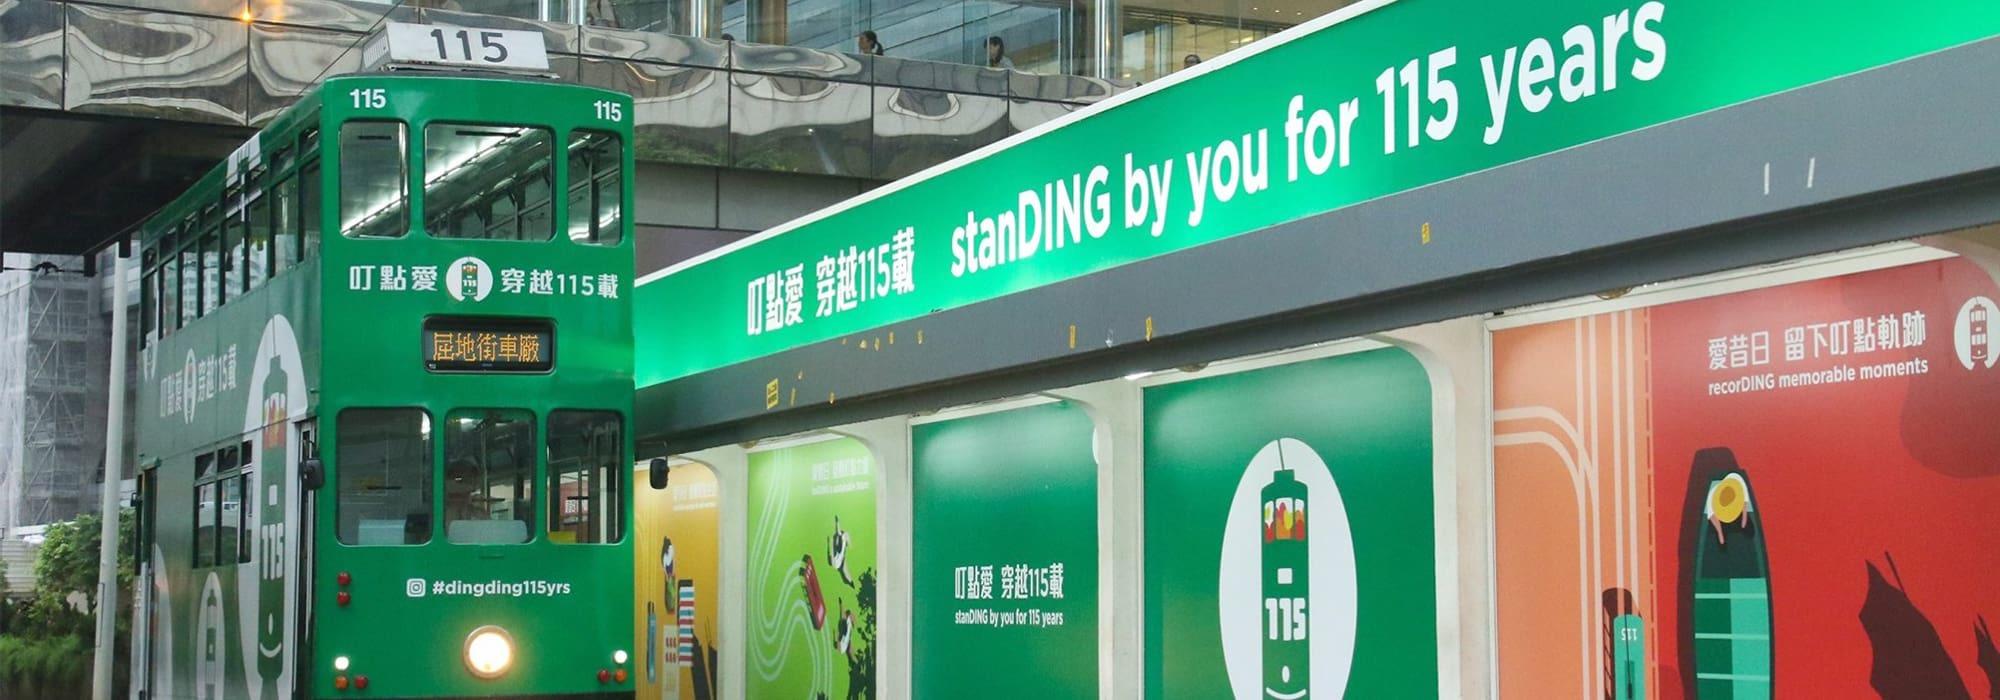 訂購到會美食 香港電車派對全景遊2021 Kama Delivery西式外賣公司